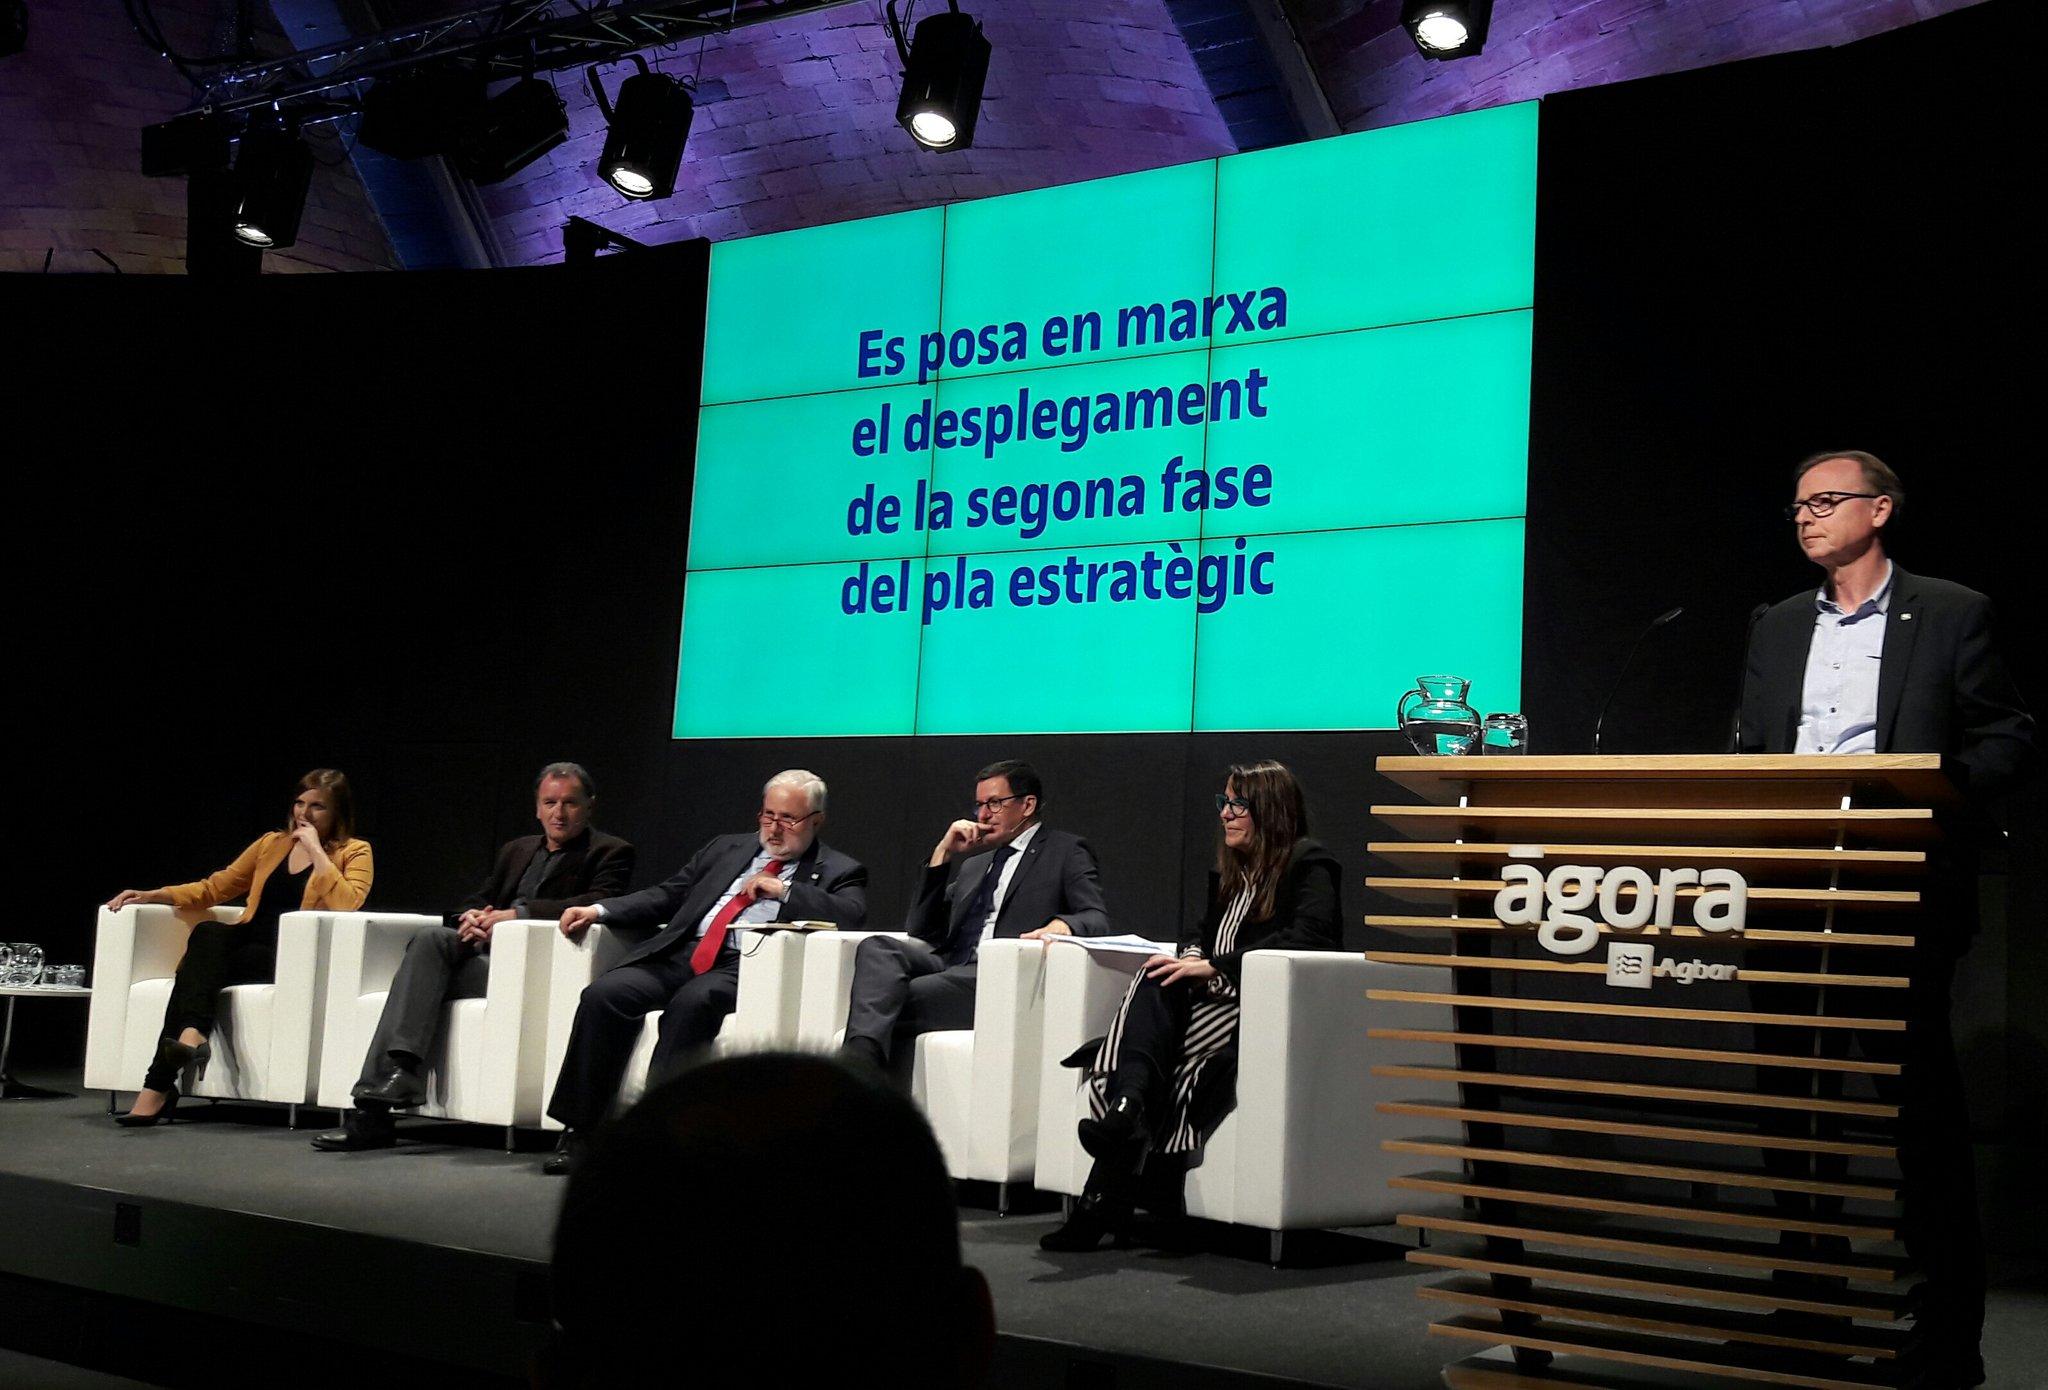 Thumbnail for Es posa en marxa el desplegament de la segona fase del Pla Estratègic (2017-2020)